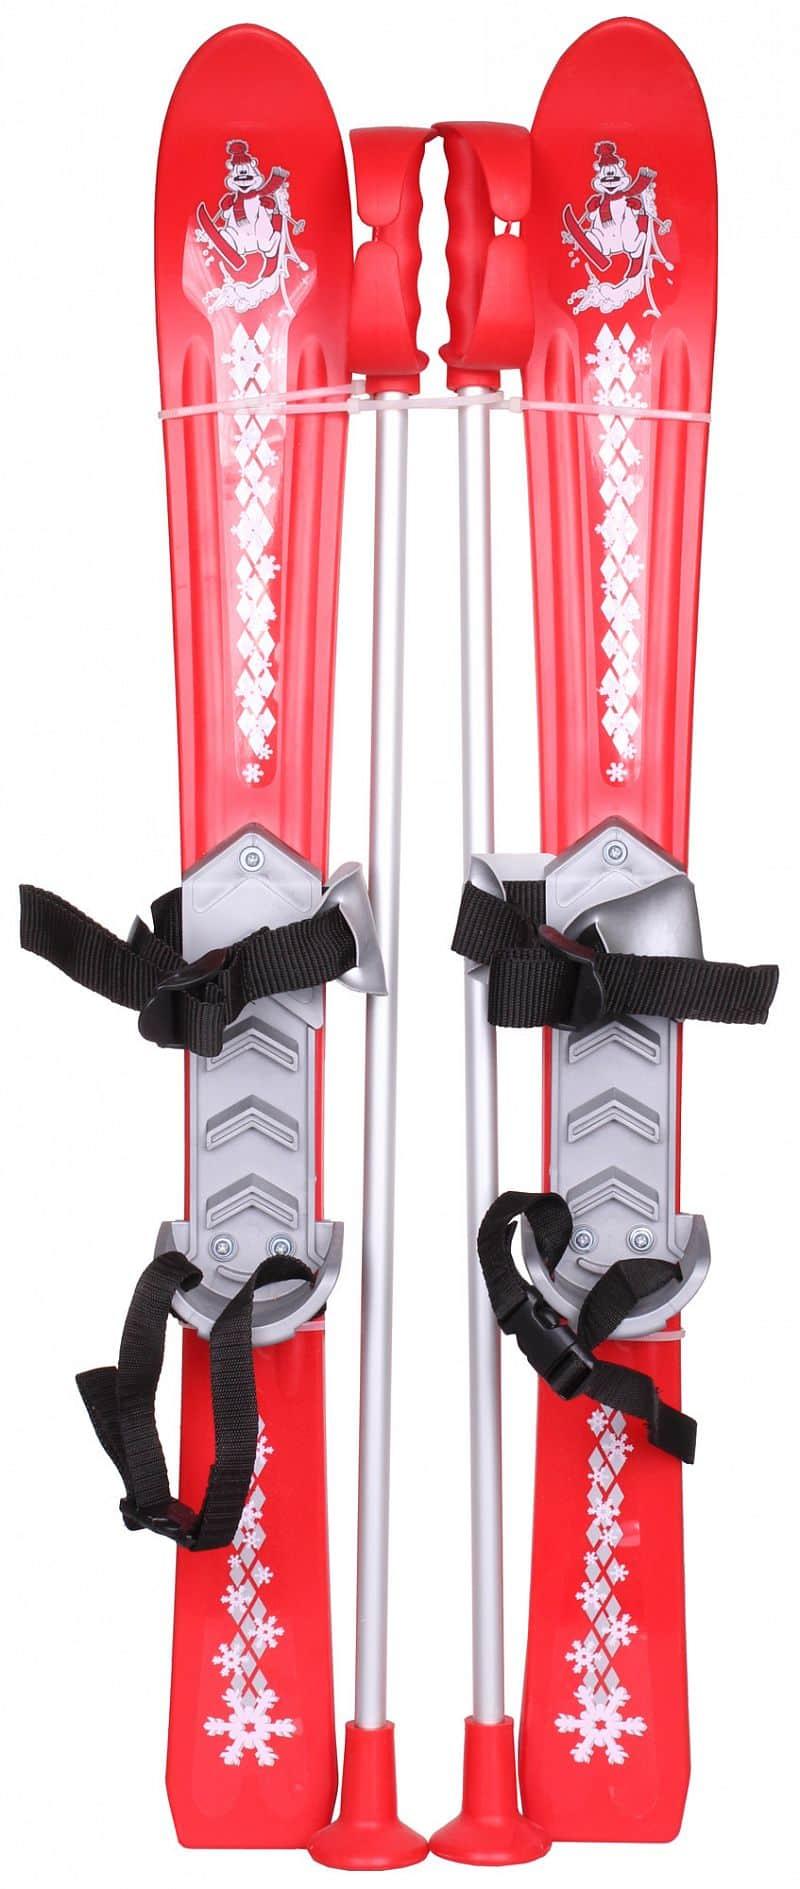 dětské mini lyže Baby Ski 90 cm plastové, s hůlkami barva: červená